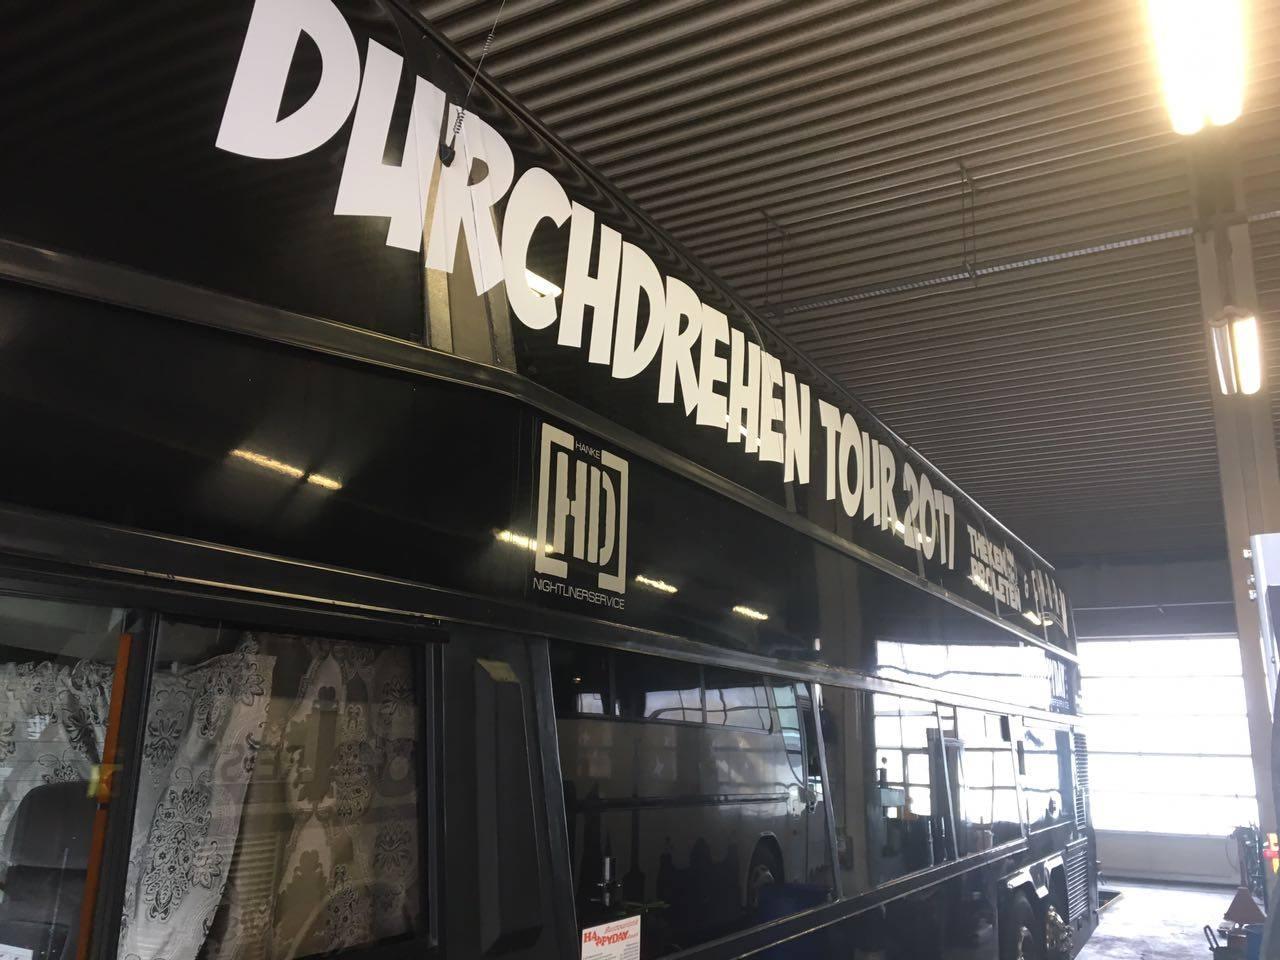 Tourbus-2017-2